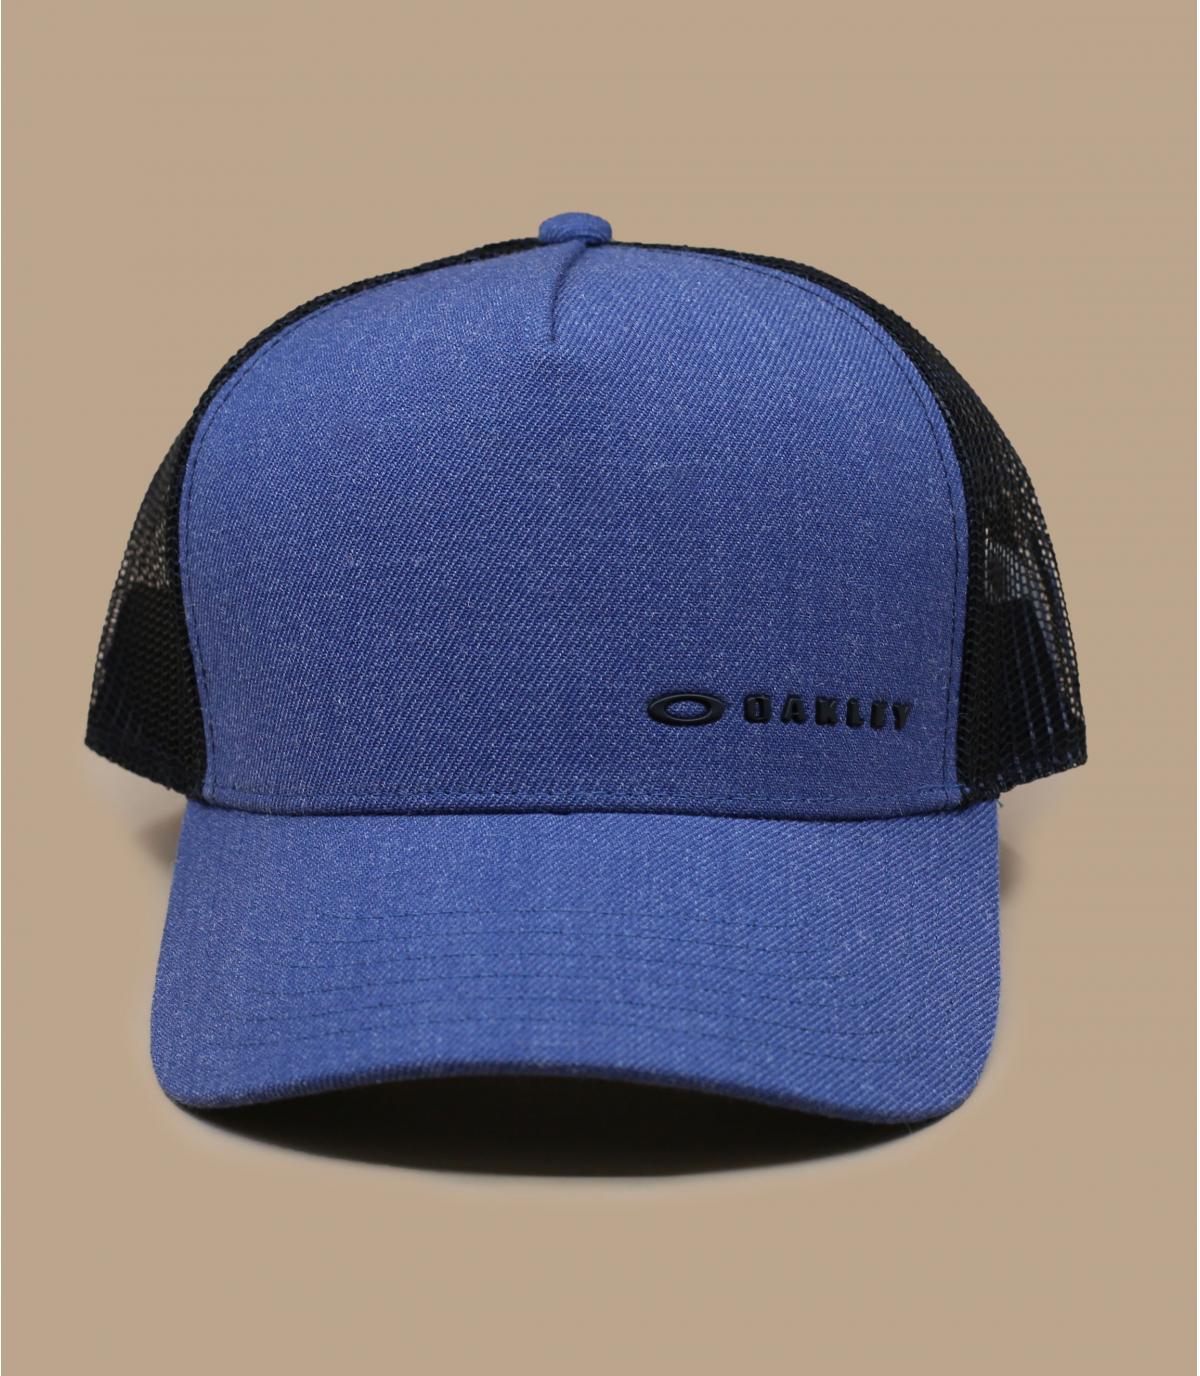 Détails Chalten Trucker blue indigo - image 2